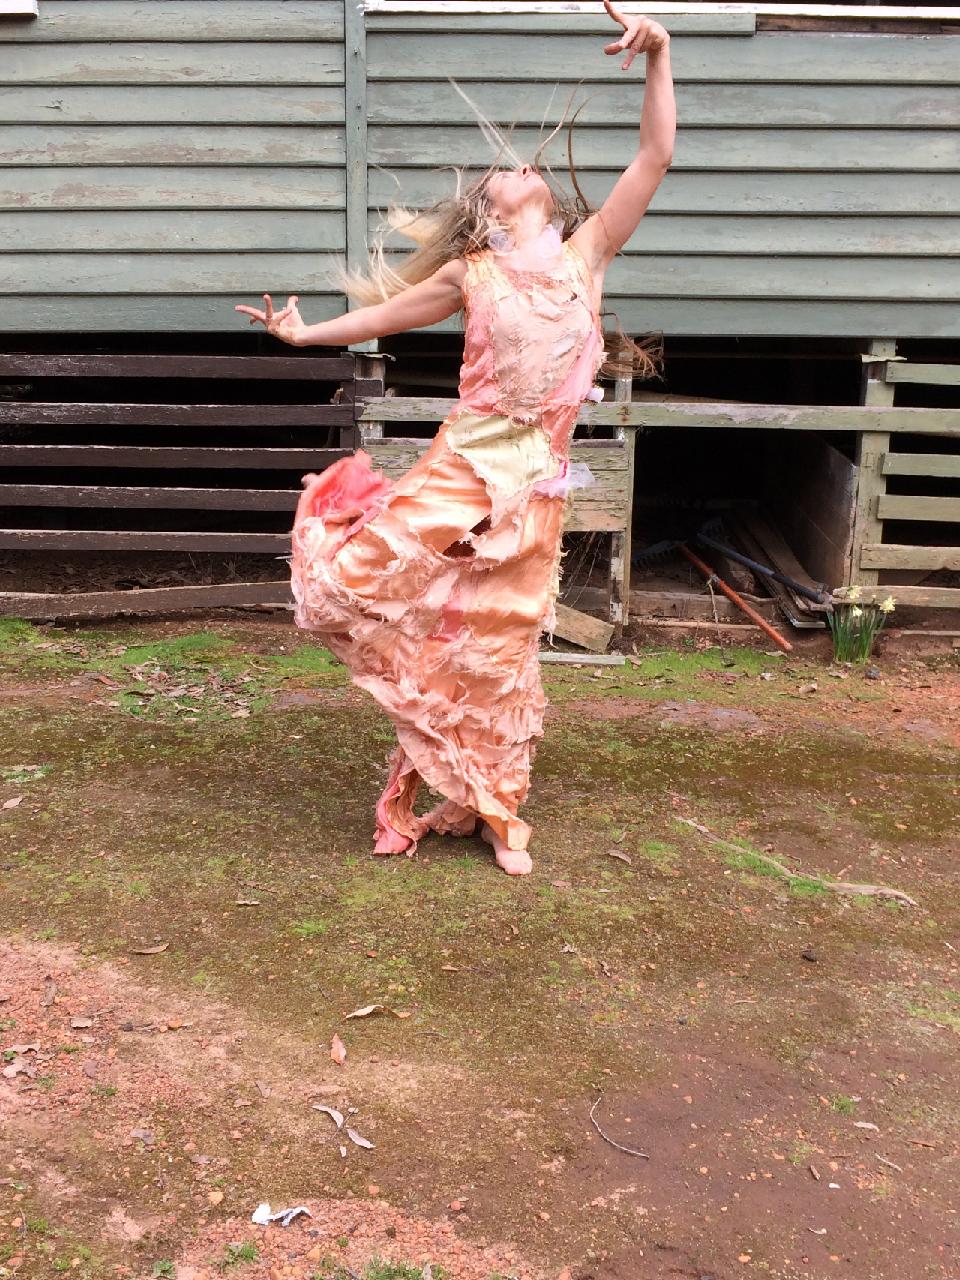 Floeur Alder choreographed by Chrissie Parrott